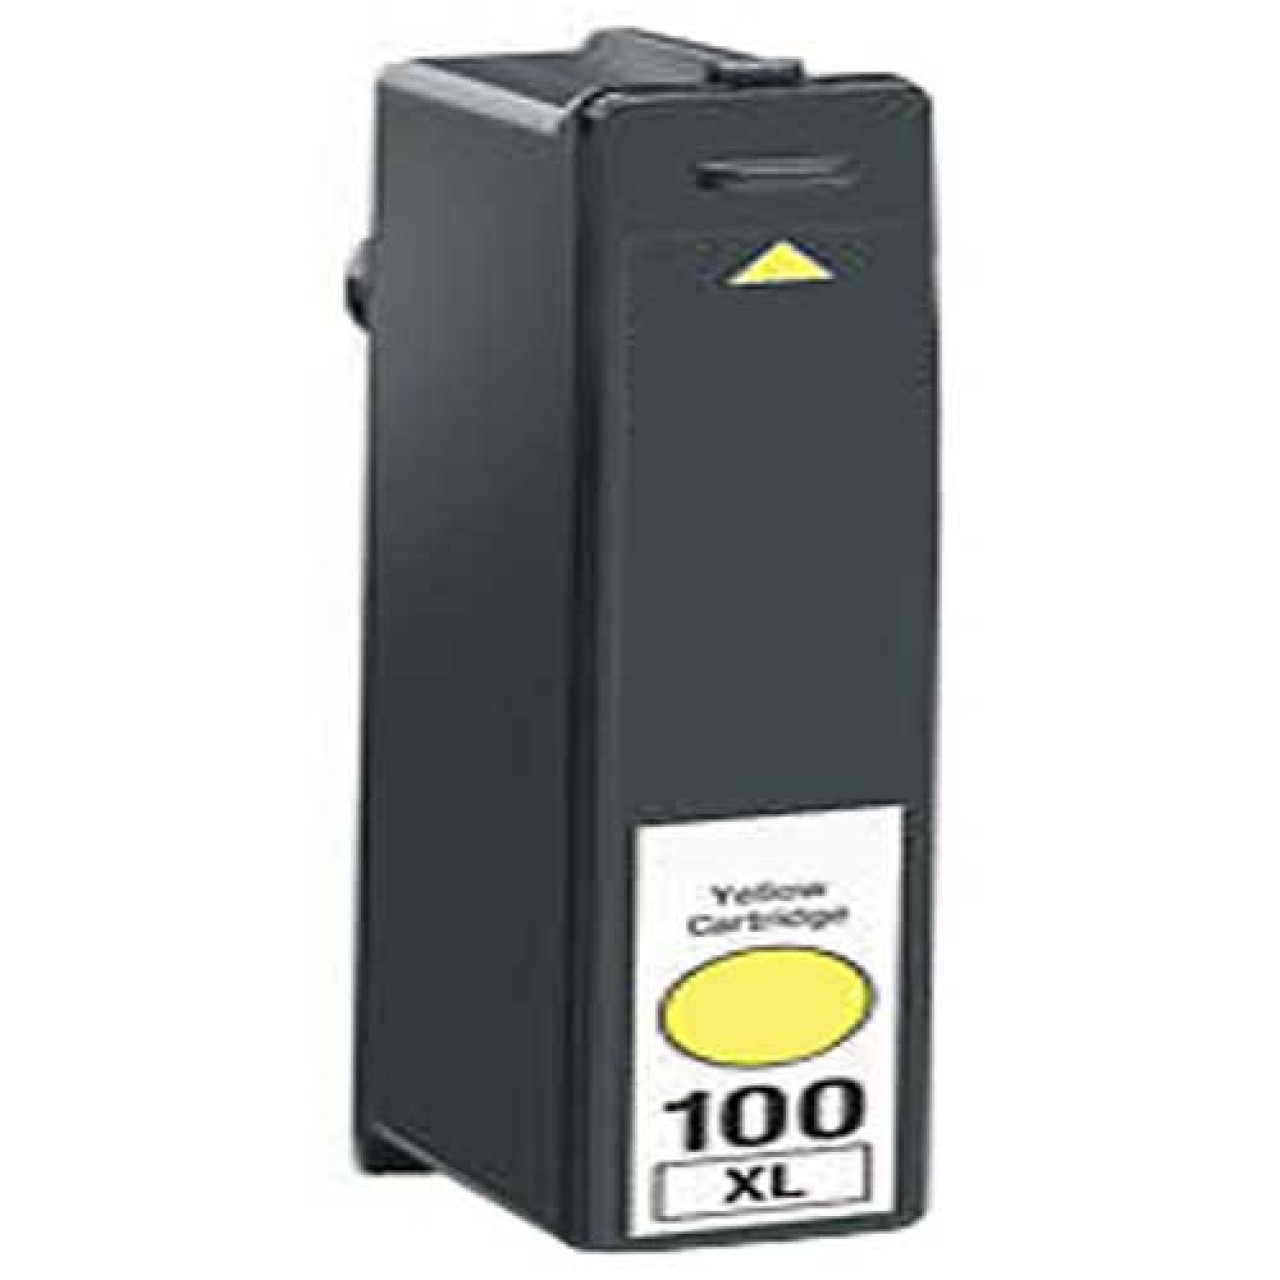 Μελάνι Lexmark Συμβατό 100XL Yellow 16ml για Genesis S815, Impact S301, Prospect Pro 205, 209, Prevail Pro 704, 705, 709, 715, Prestige Pro 805, Pinnacle Pro 901, Platinum Pro 905, Impact S305, Interpret S405, S409, Intuition S505, Interact S605